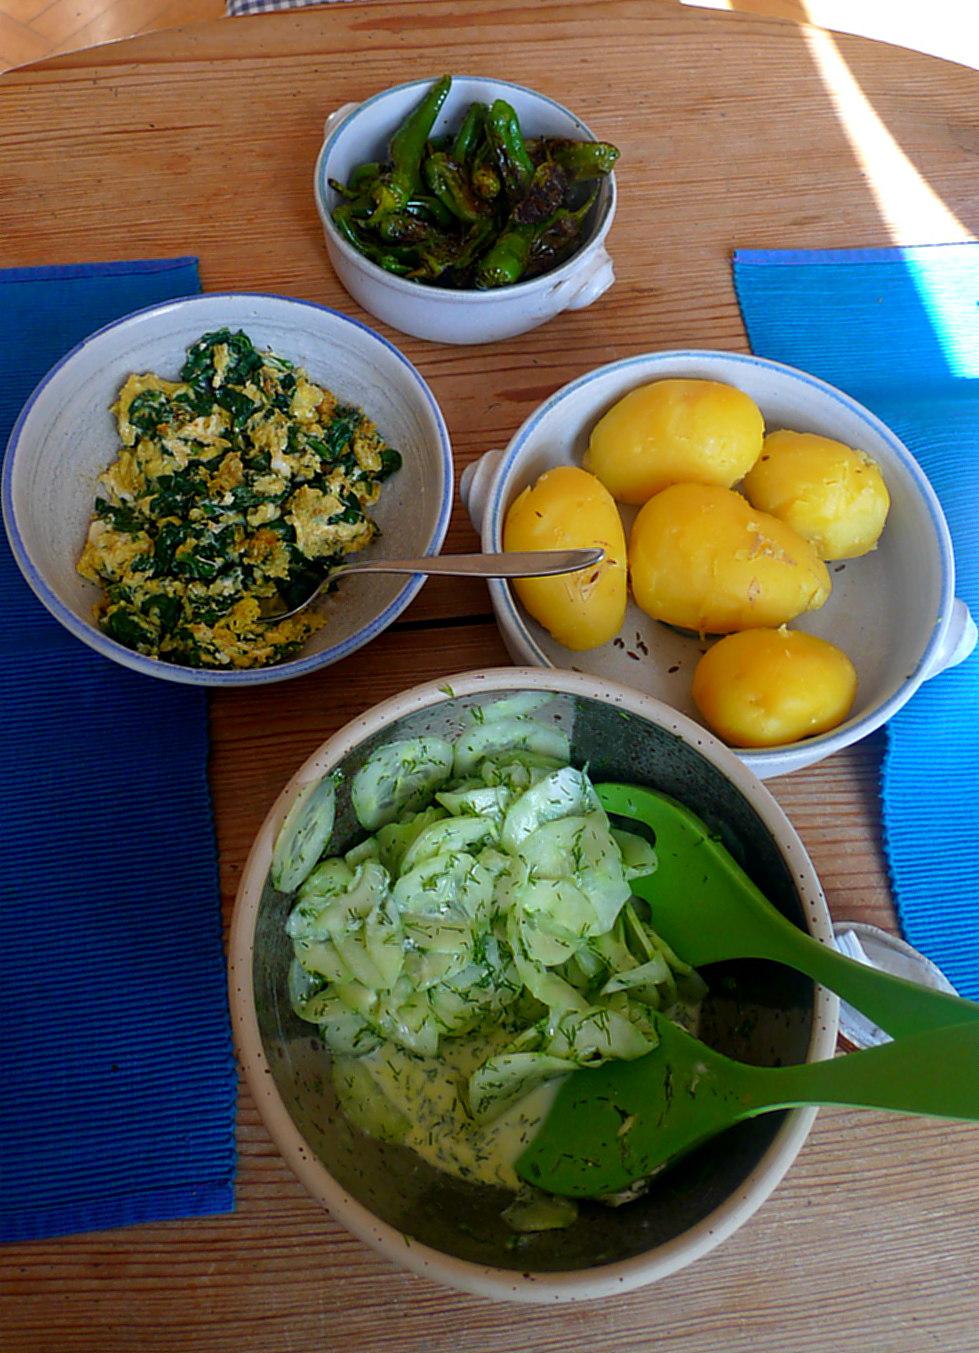 spinat-ruhreipimientospellkartoffelngurkensalat-12